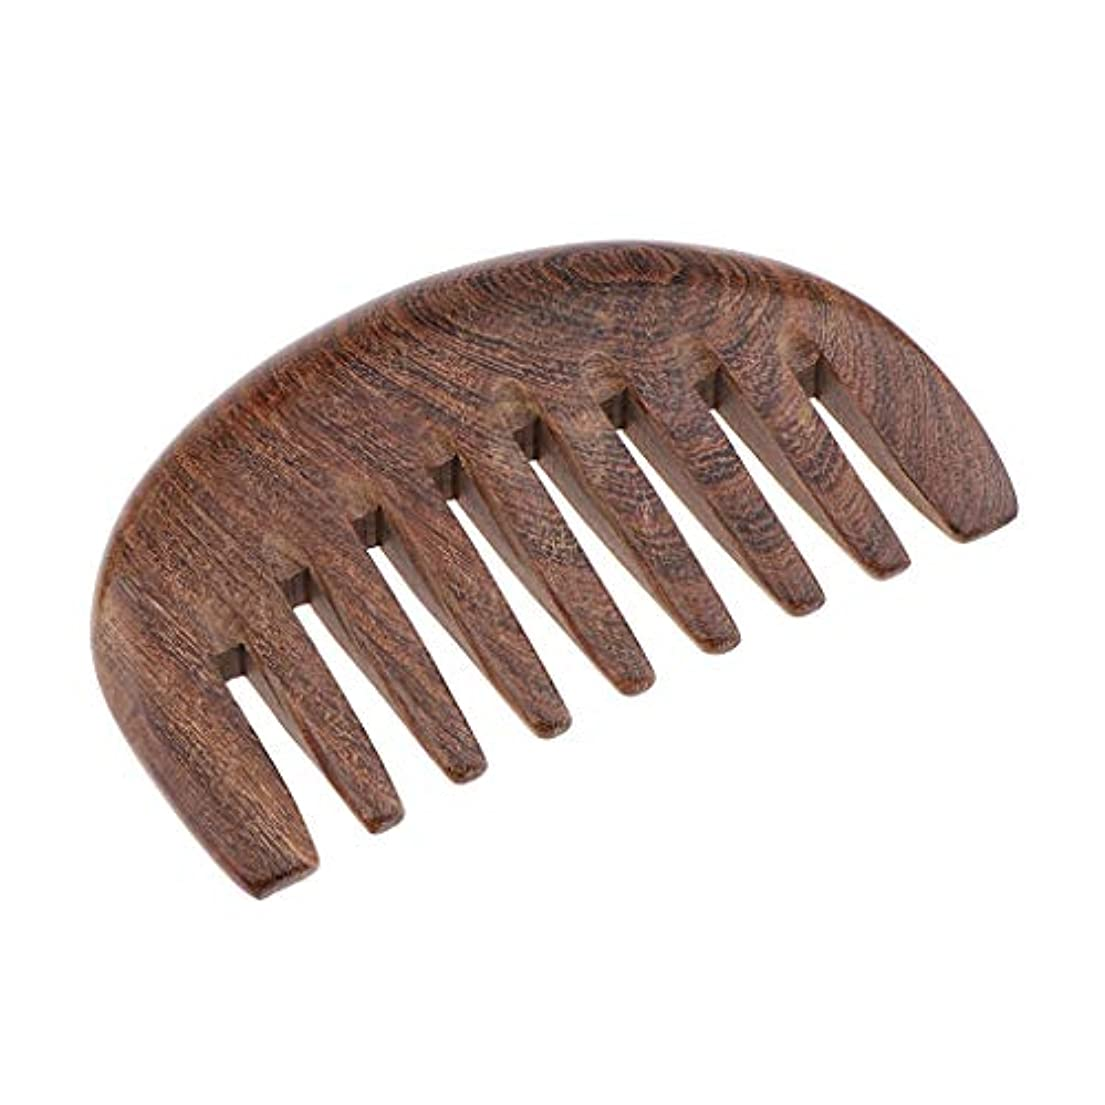 静める行政拍車木製櫛 ヘアブラシ 帯電防止櫛 人間工学 3色選べ - クロロフォラ